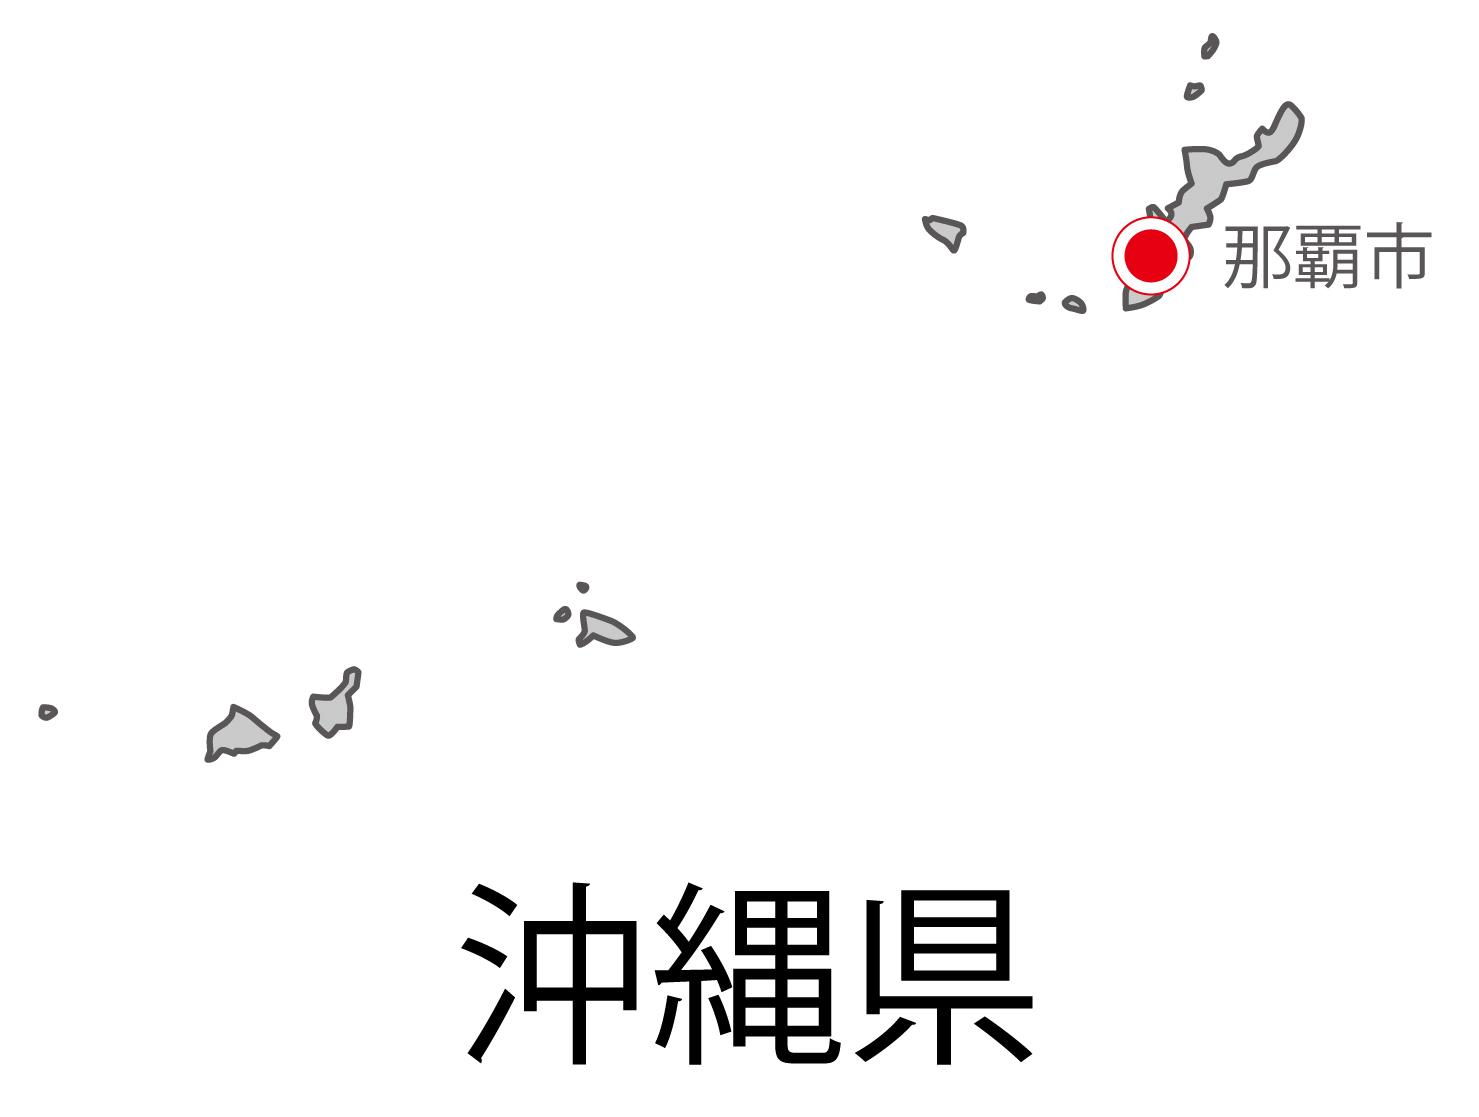 沖縄県無料フリーイラスト|日本語・都道府県名あり・県庁所在地あり(グレー)